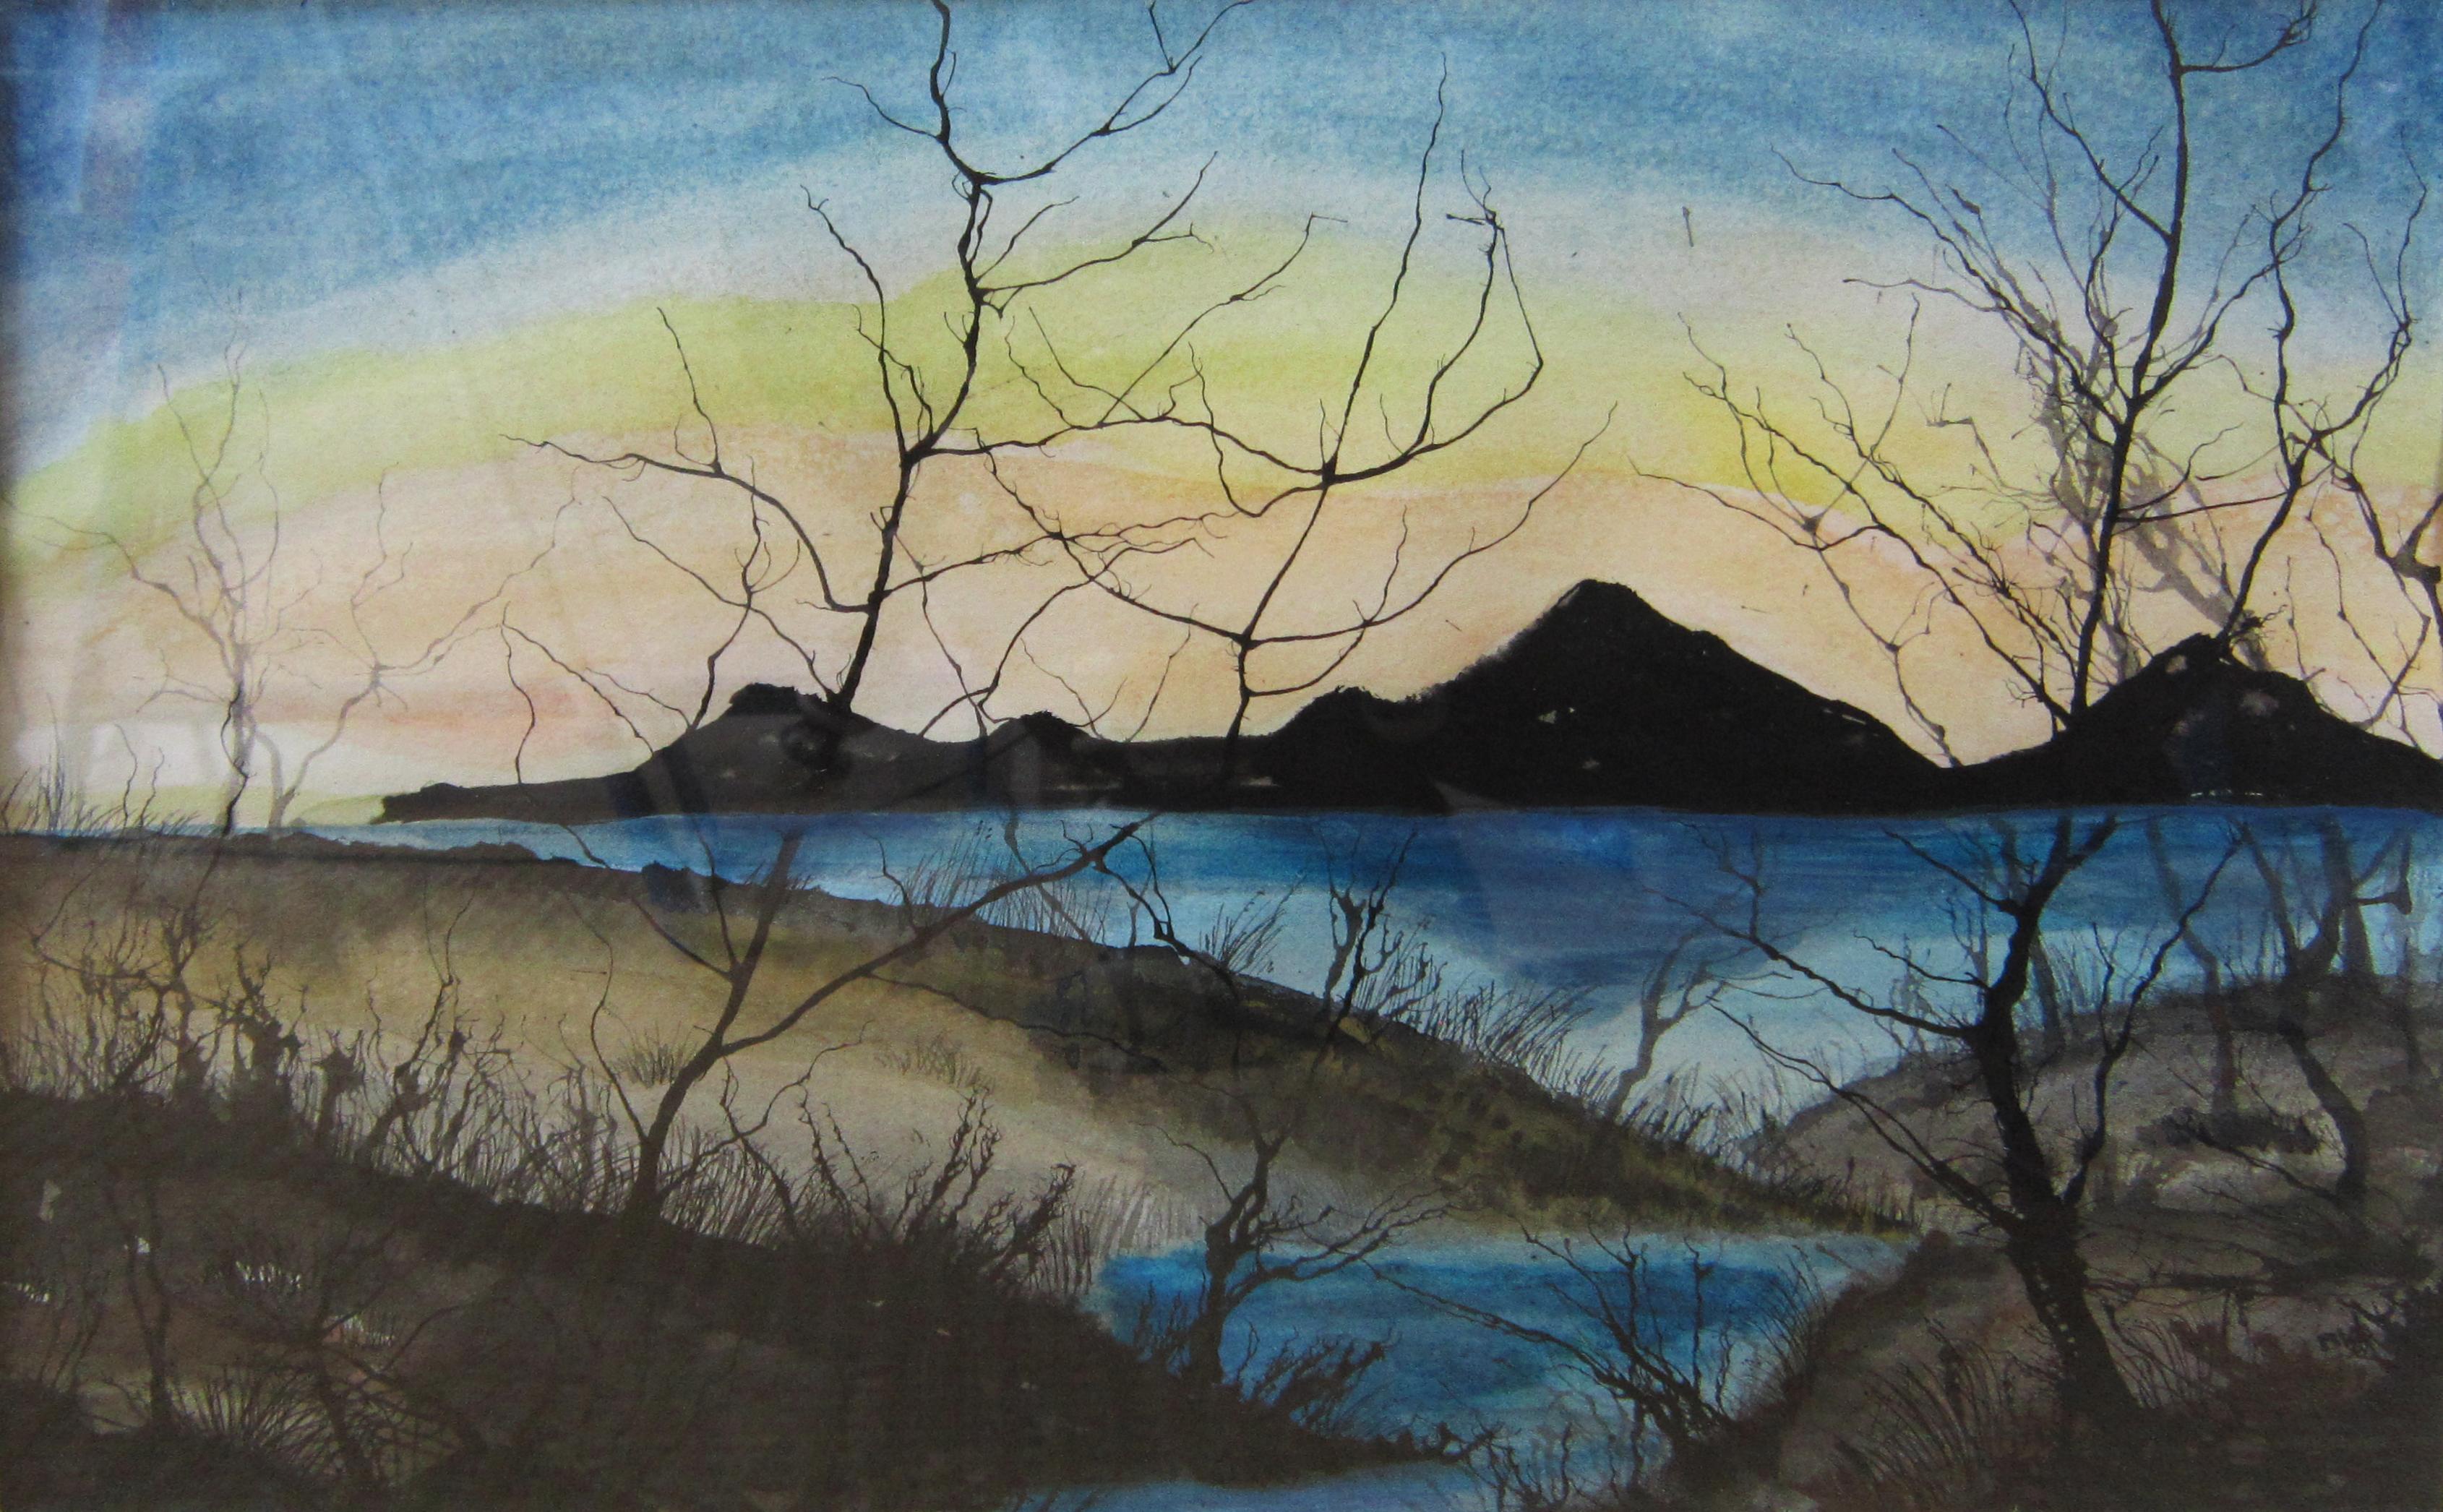 Mist 3, Oostindische inkt, aquarel, 61 x 51, 2012